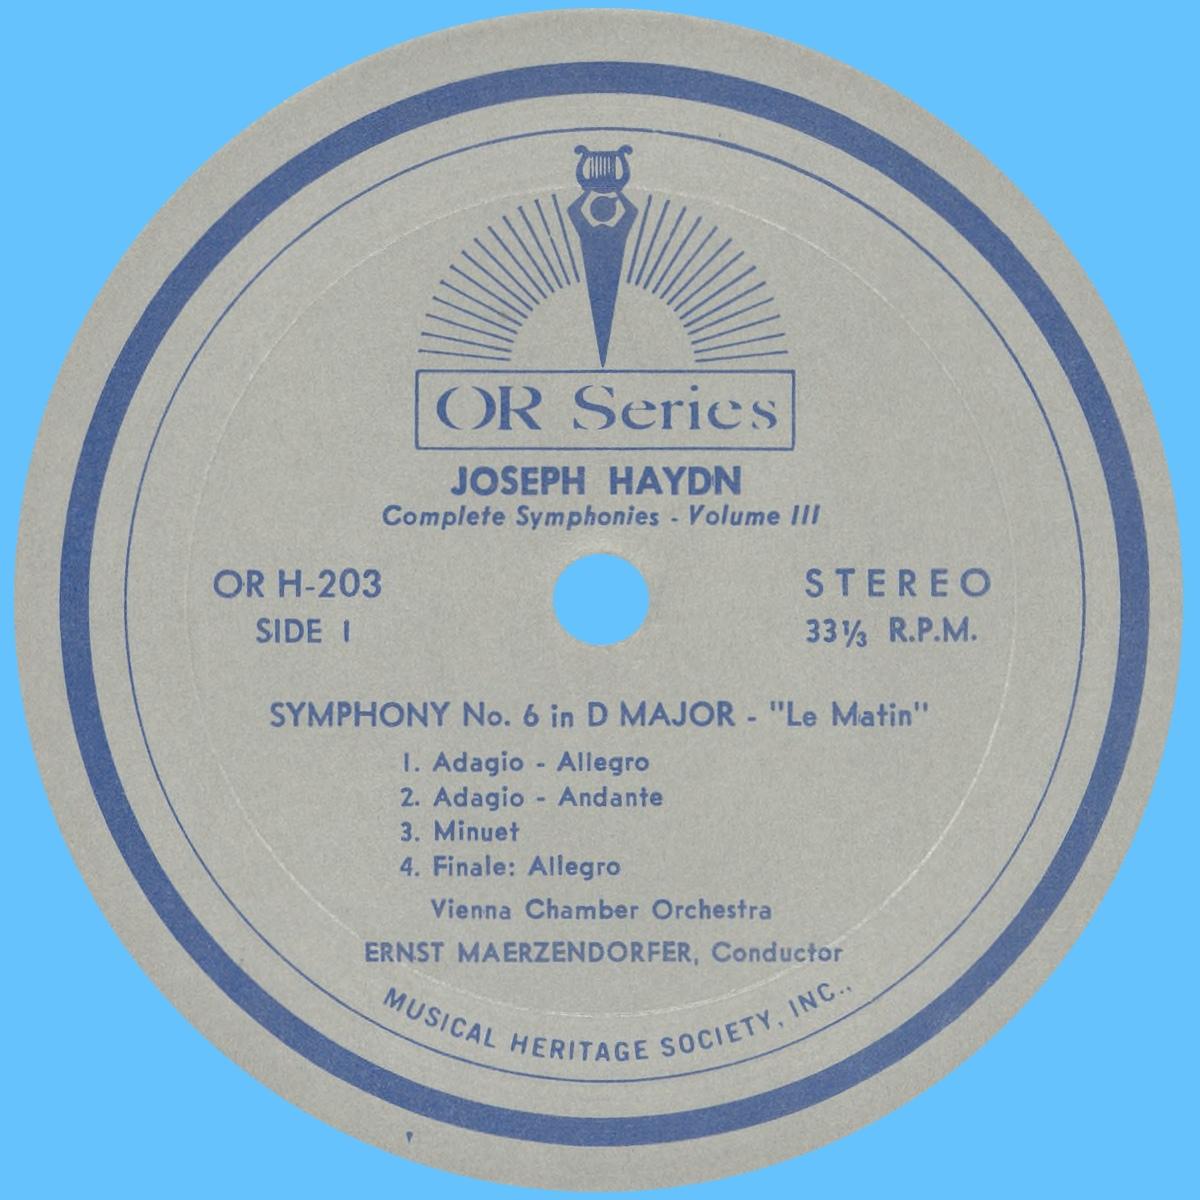 Étiquette recto du disque MHS Orpheus OR H-203